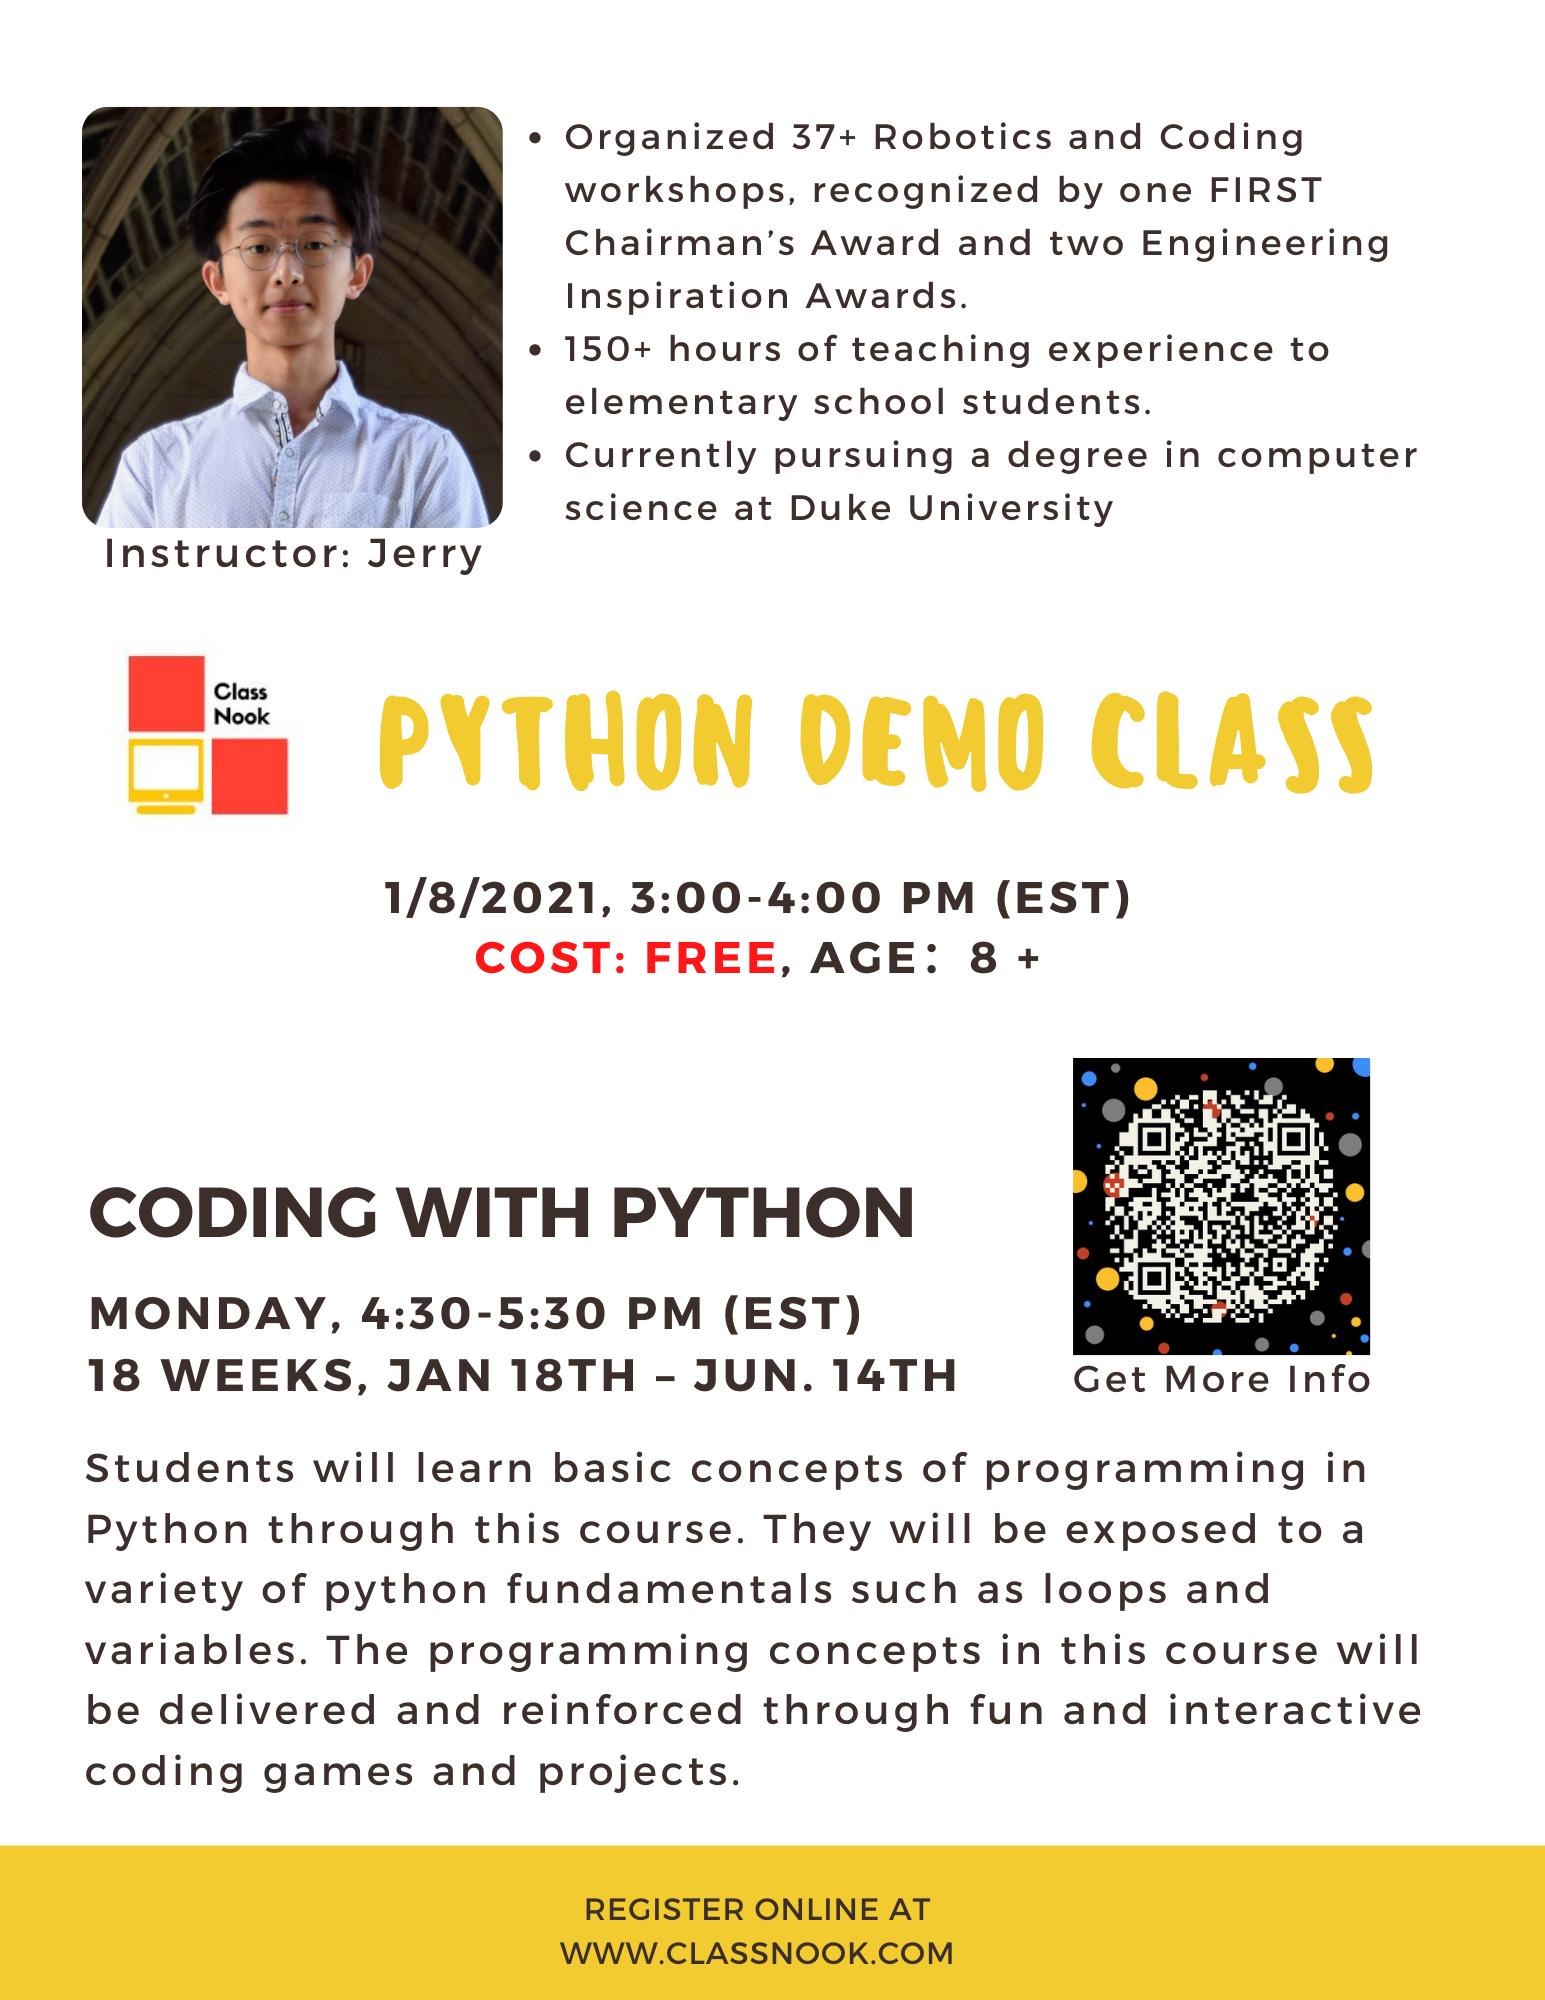 Python Demo Class